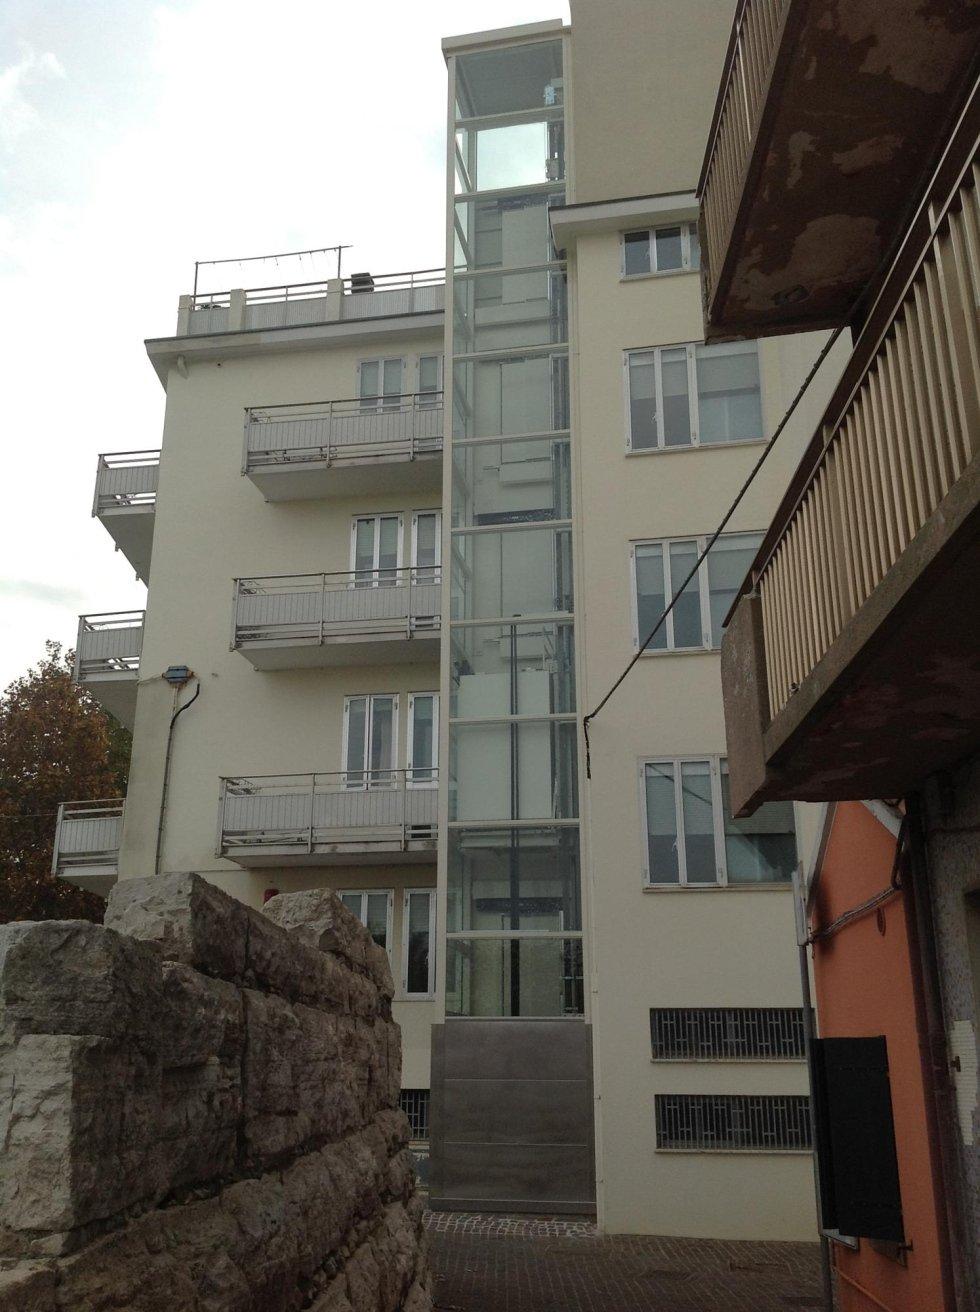 vista esterna di un edificio con ascensore in vetro